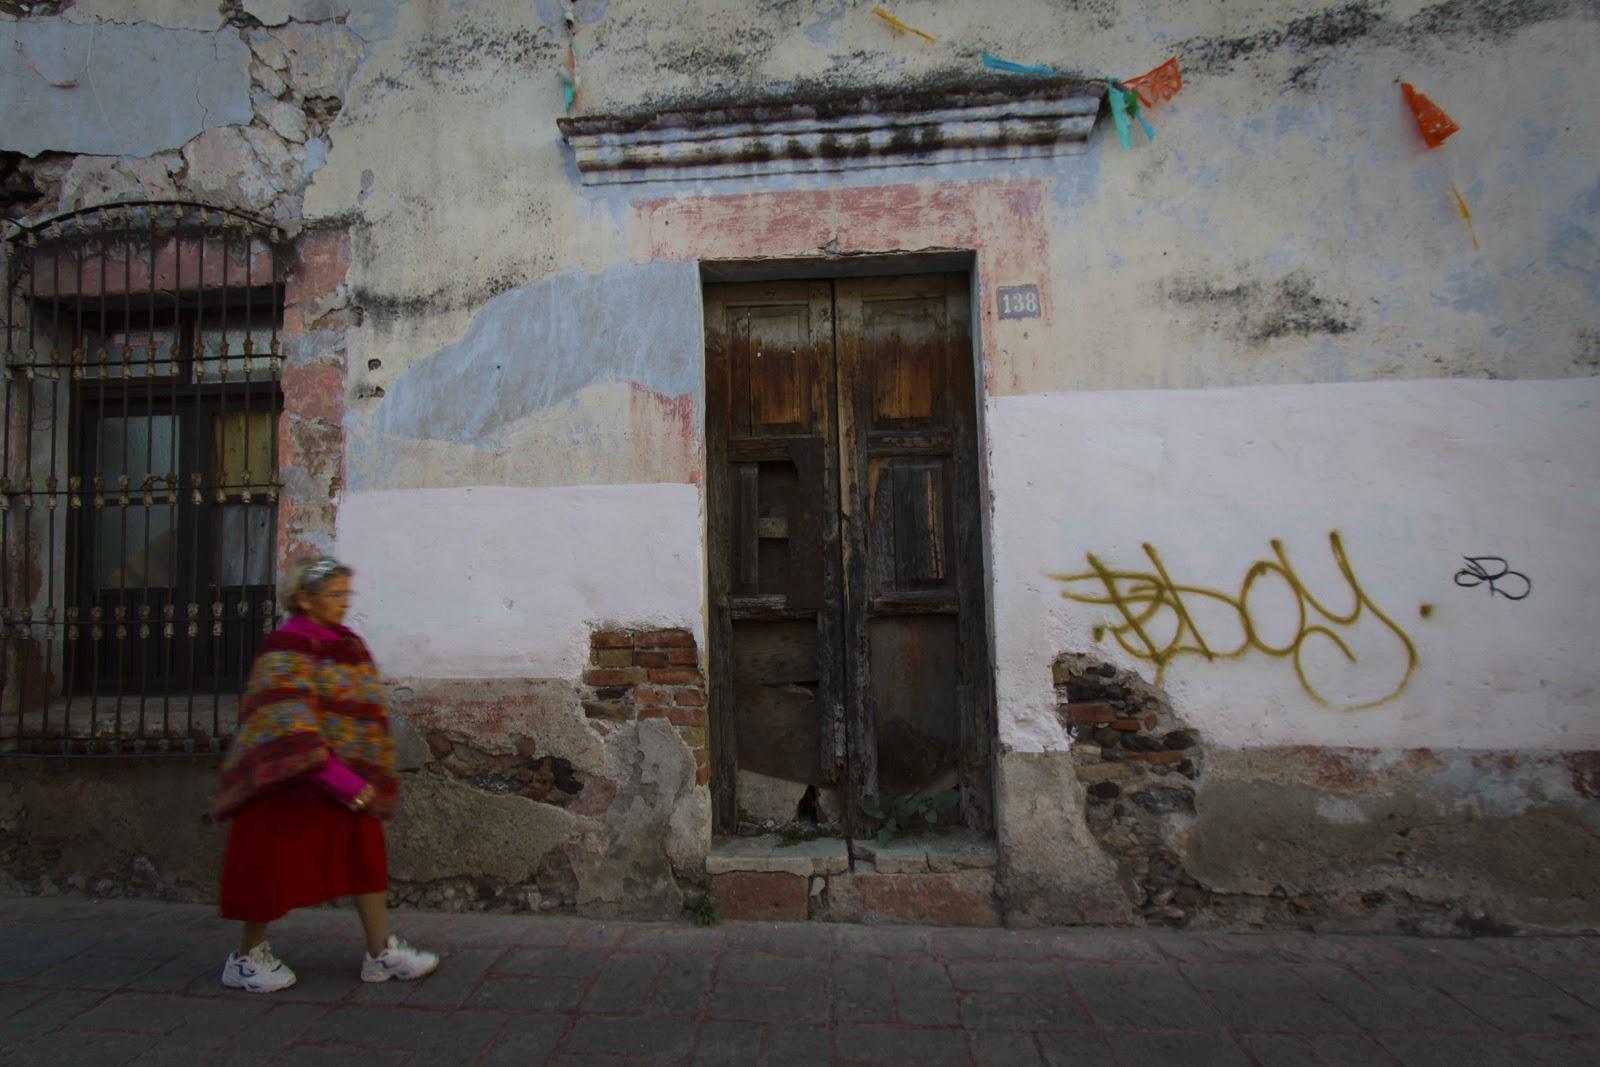 Casas antiguas quer taro trotalux - Fotos de casas antiguas ...